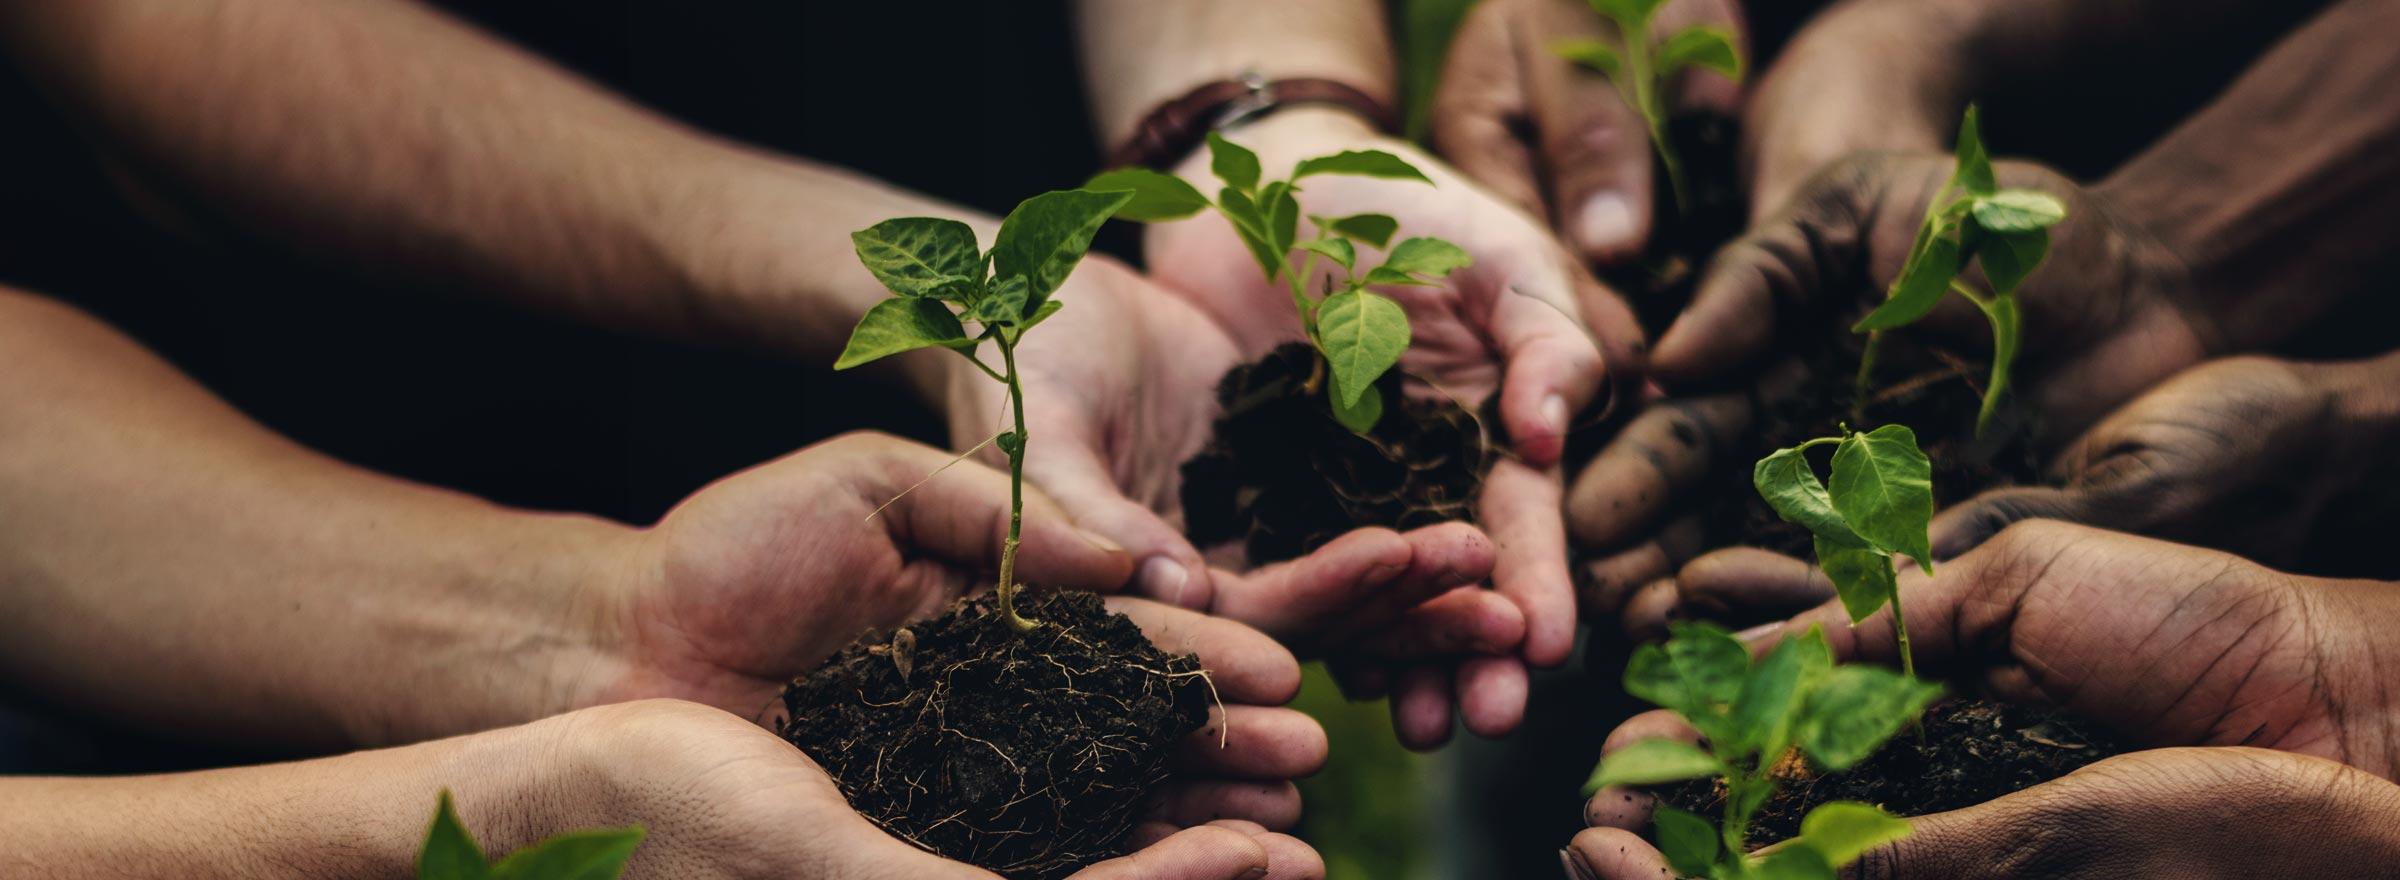 Multiple hands holding seedlings in balls of dirt